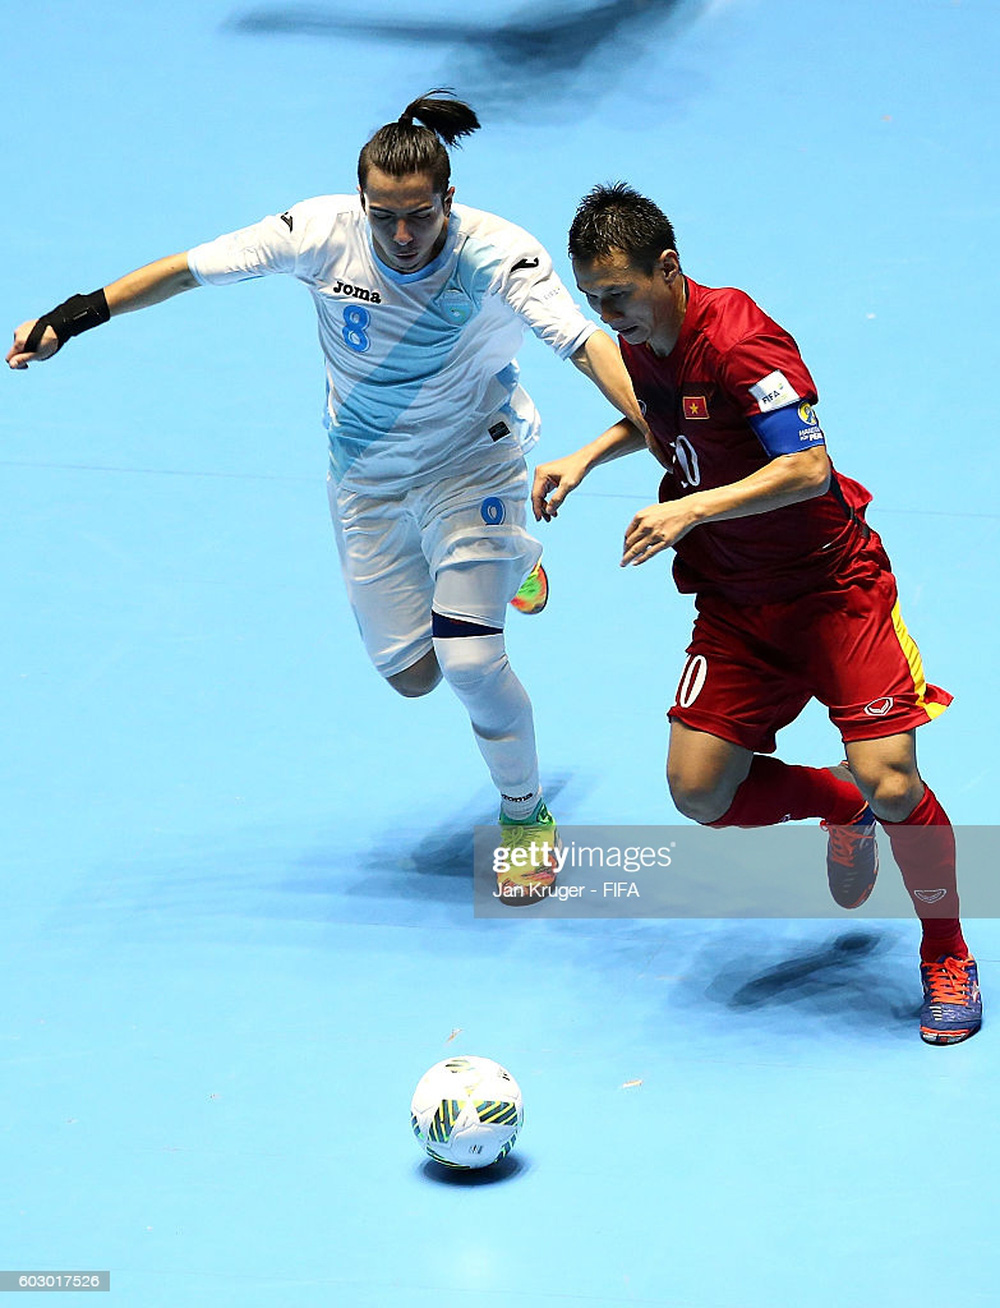 ĐT Việt Nam xử lý rất hay khi sút tung lưới Brazil, hoàn toàn có cơ hội thắng được Panama - Ảnh 2.